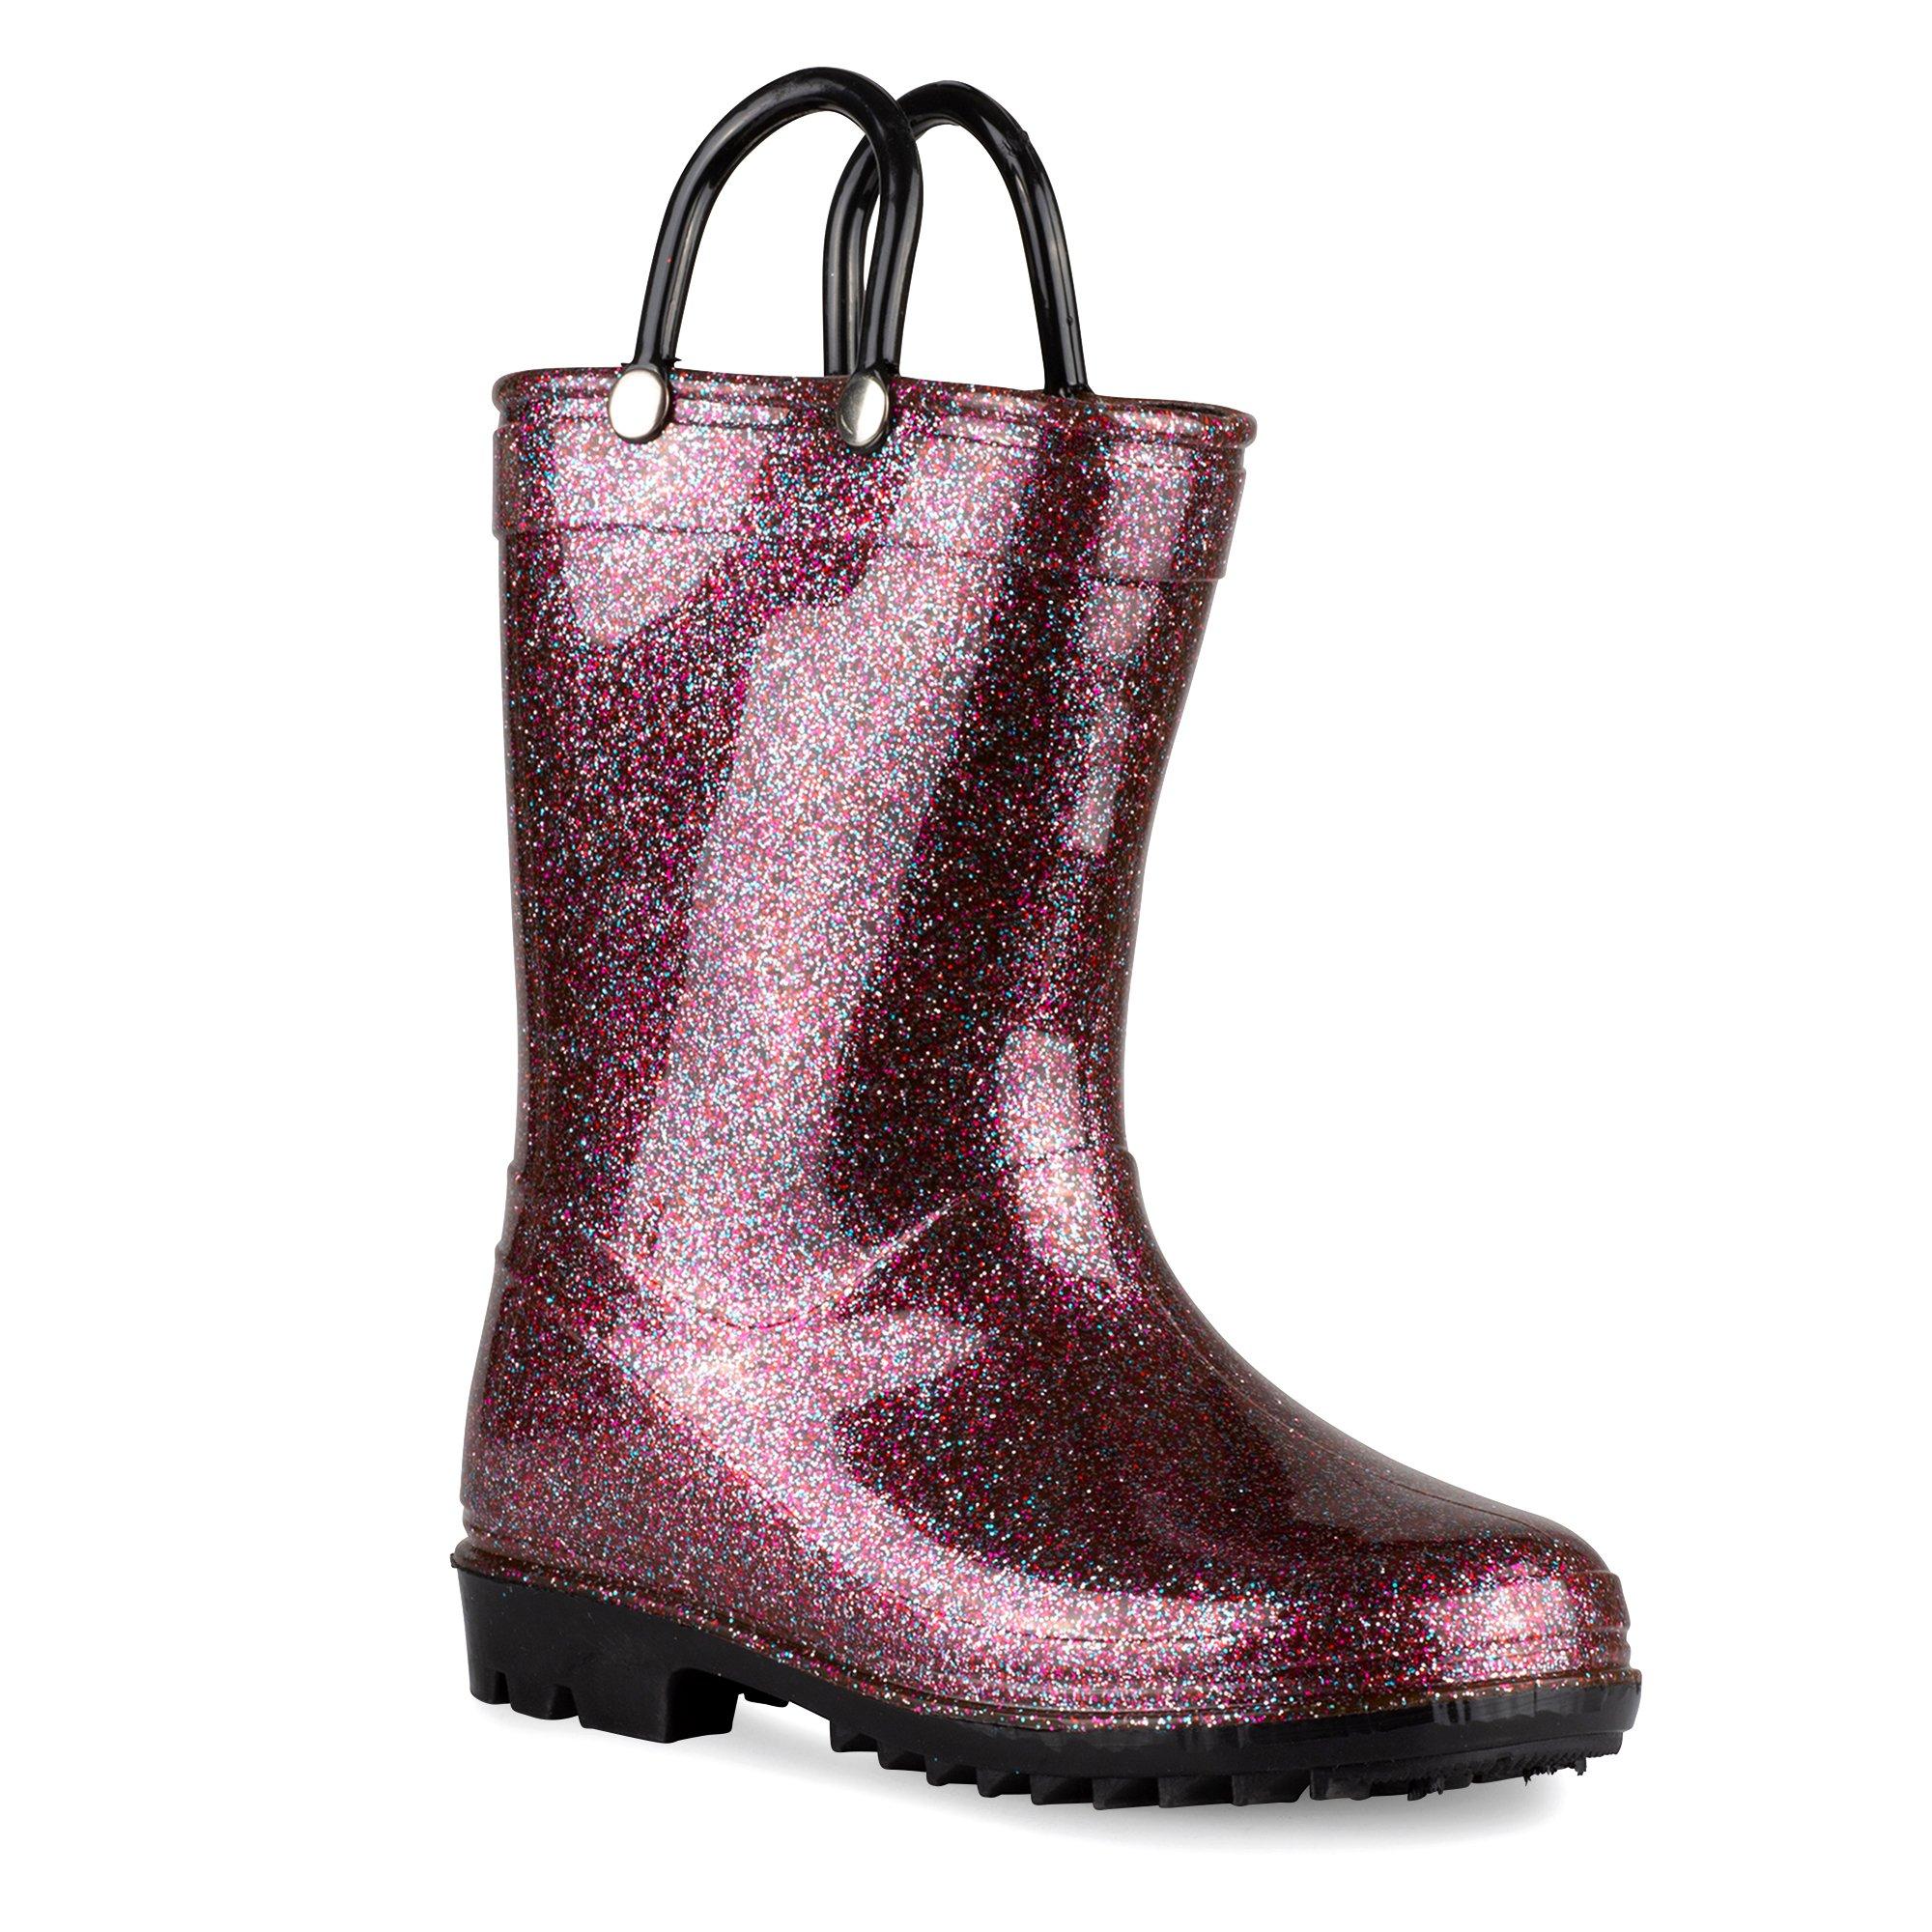 Chillipop Children's Glitter Rain Boots for Little Kids & Toddlers, Boys & Girls